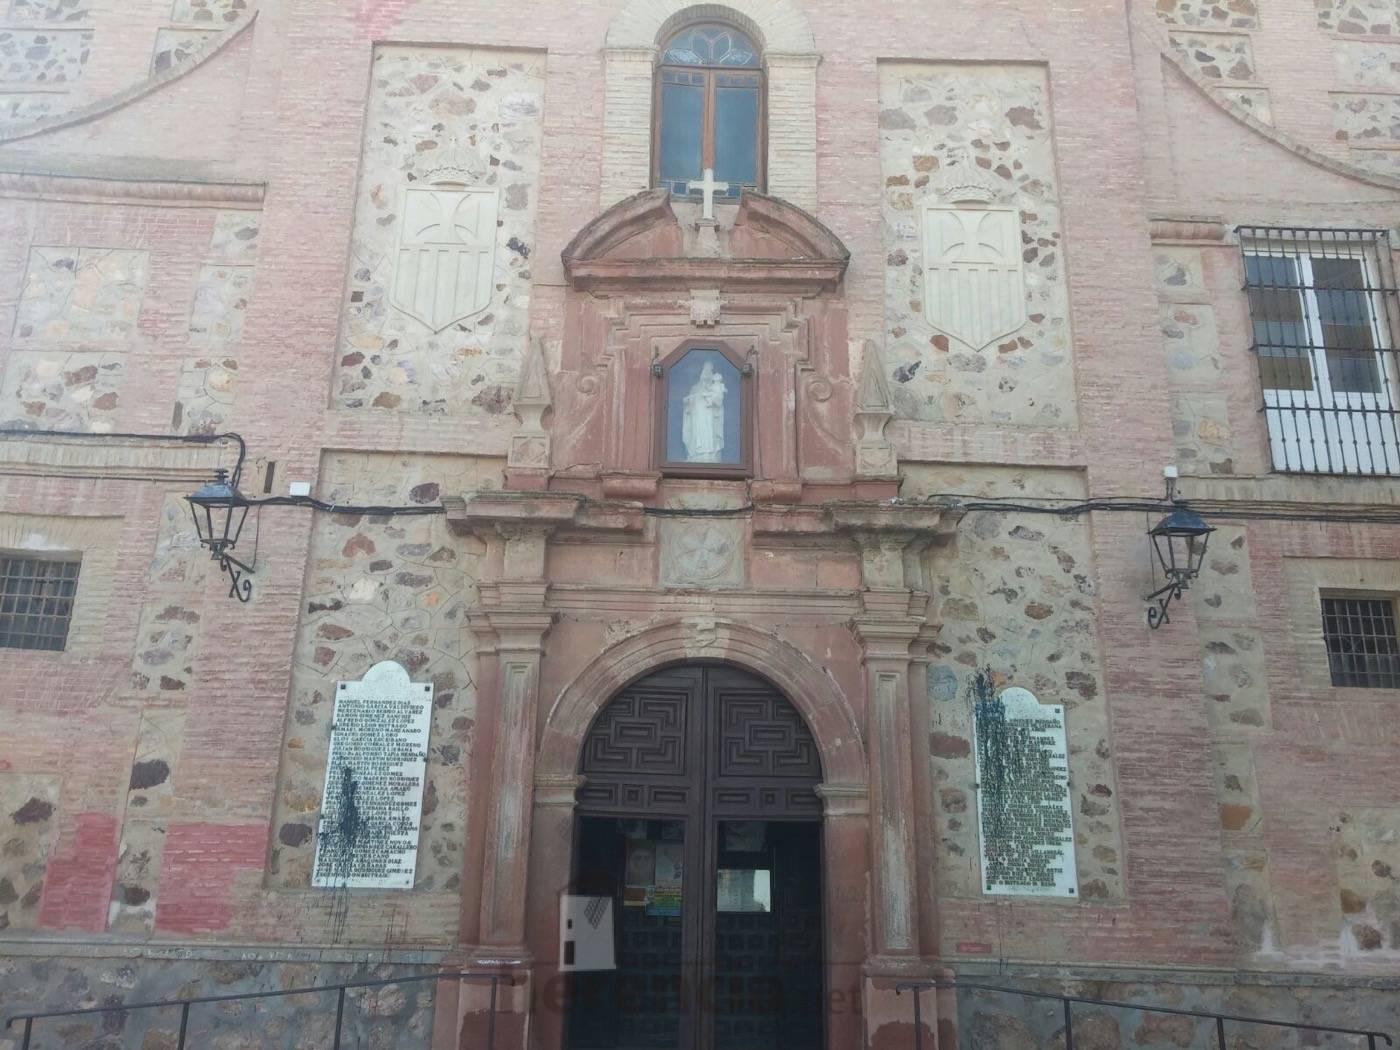 placas en memoria a los caidos en fachada del convento de herencia 2 - El Ayuntamiento recurrirá la sentencia de las placas del Convento de las Mercedes